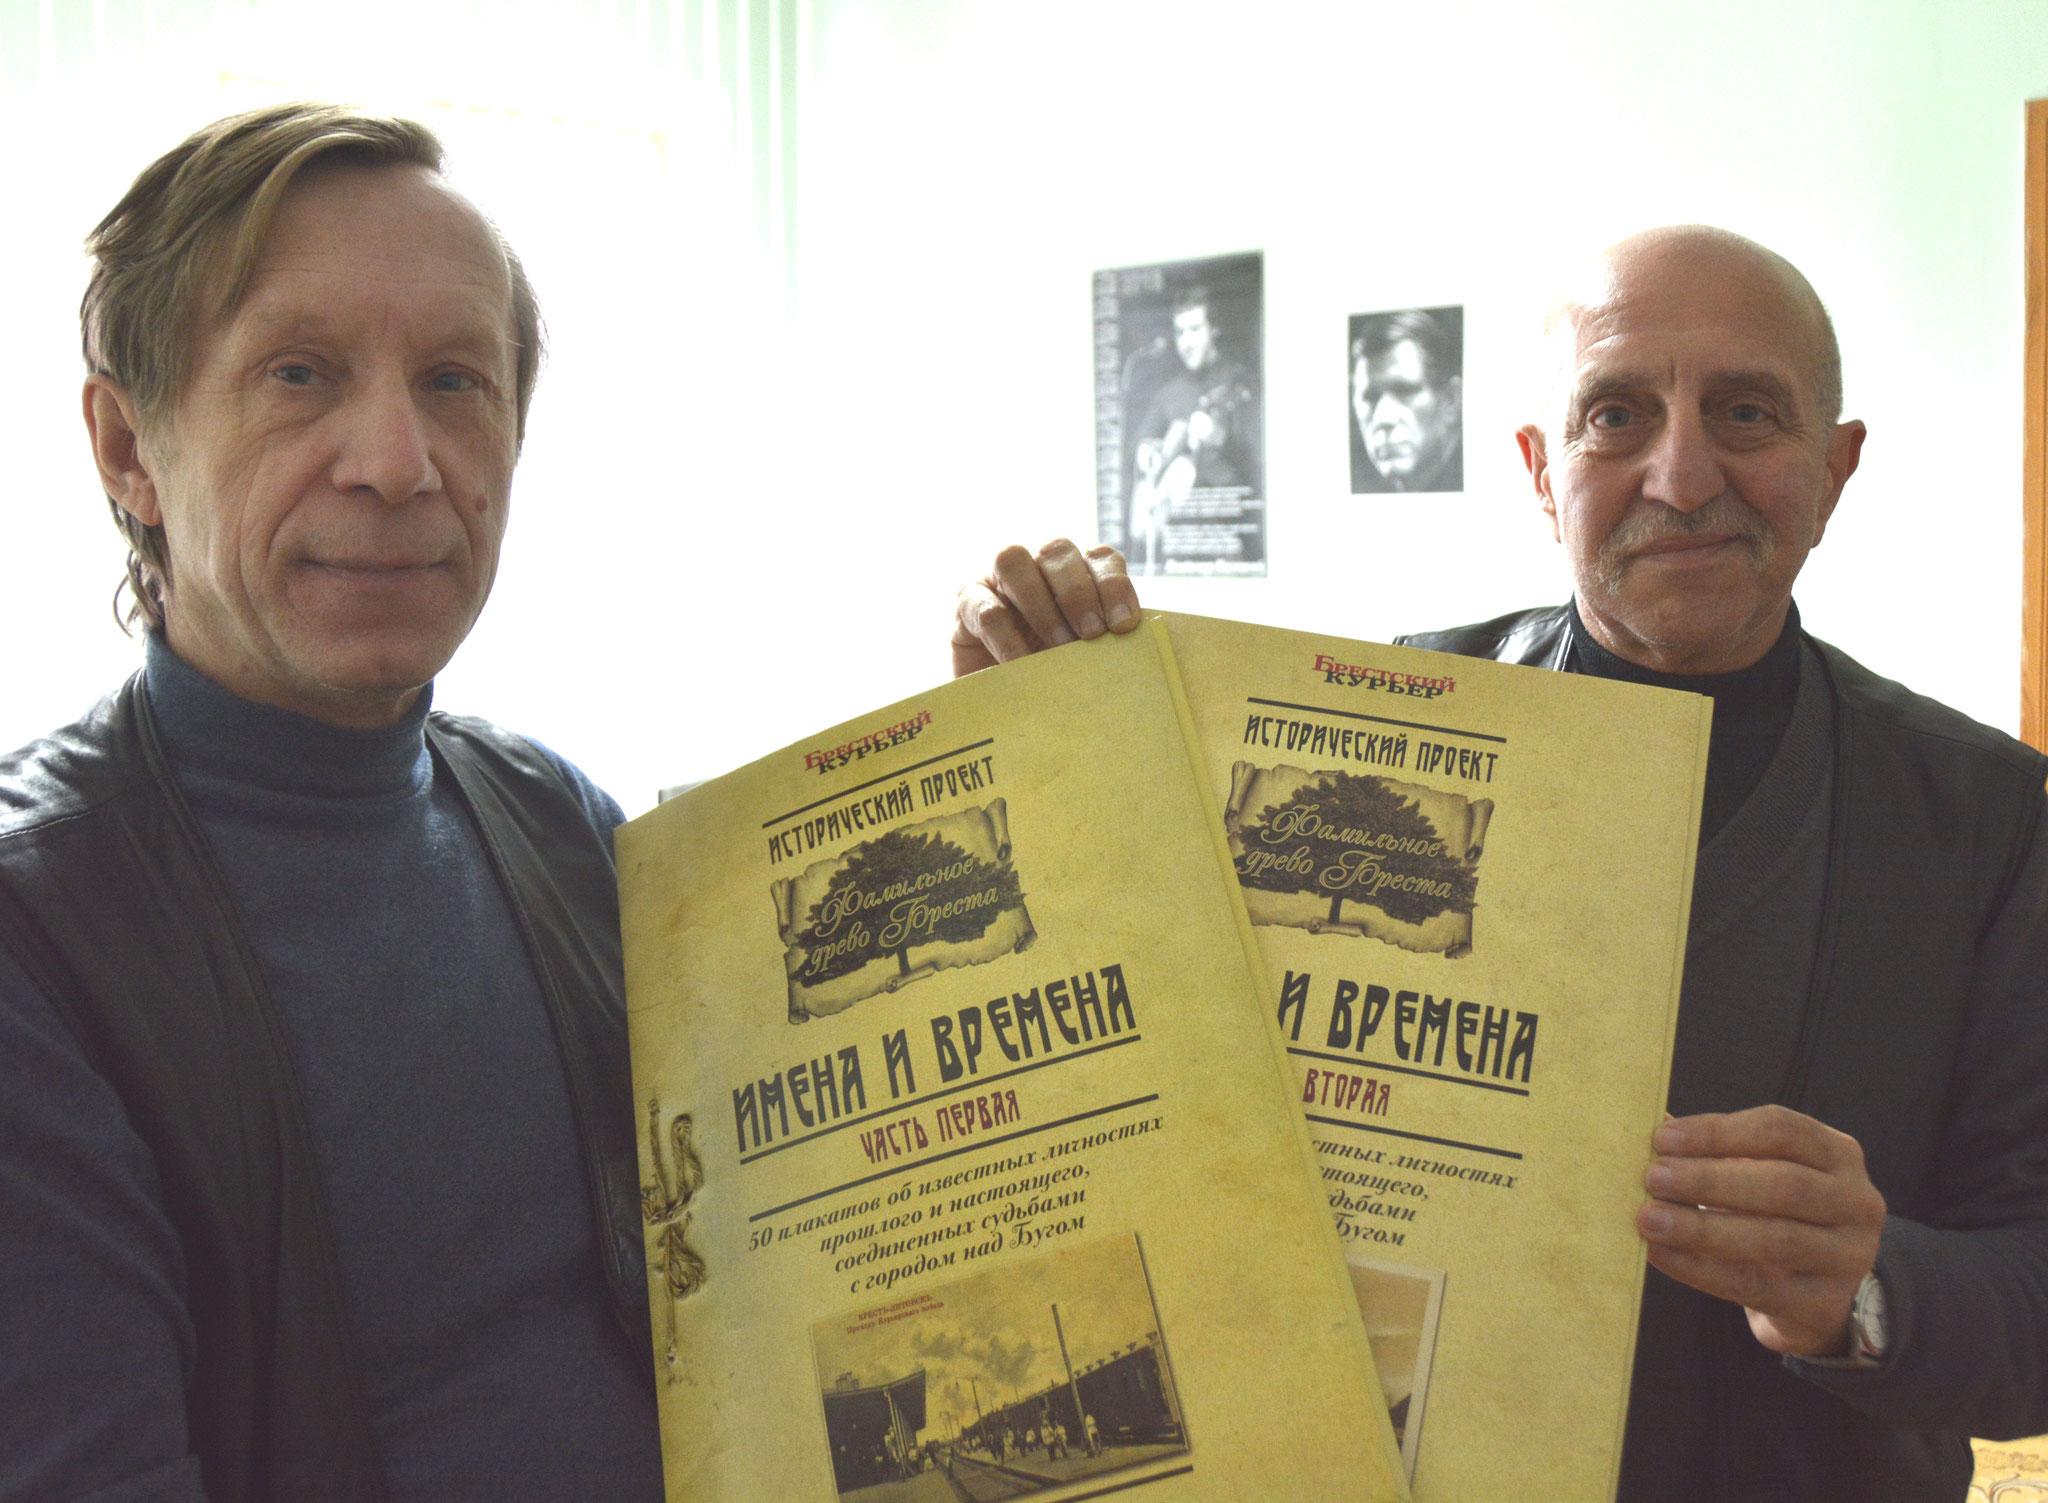 Григорий Рейхман (справа) в редакции «Брестского курьера» вместе с редактором Николаем Александровым, фото автора, 2015 г.